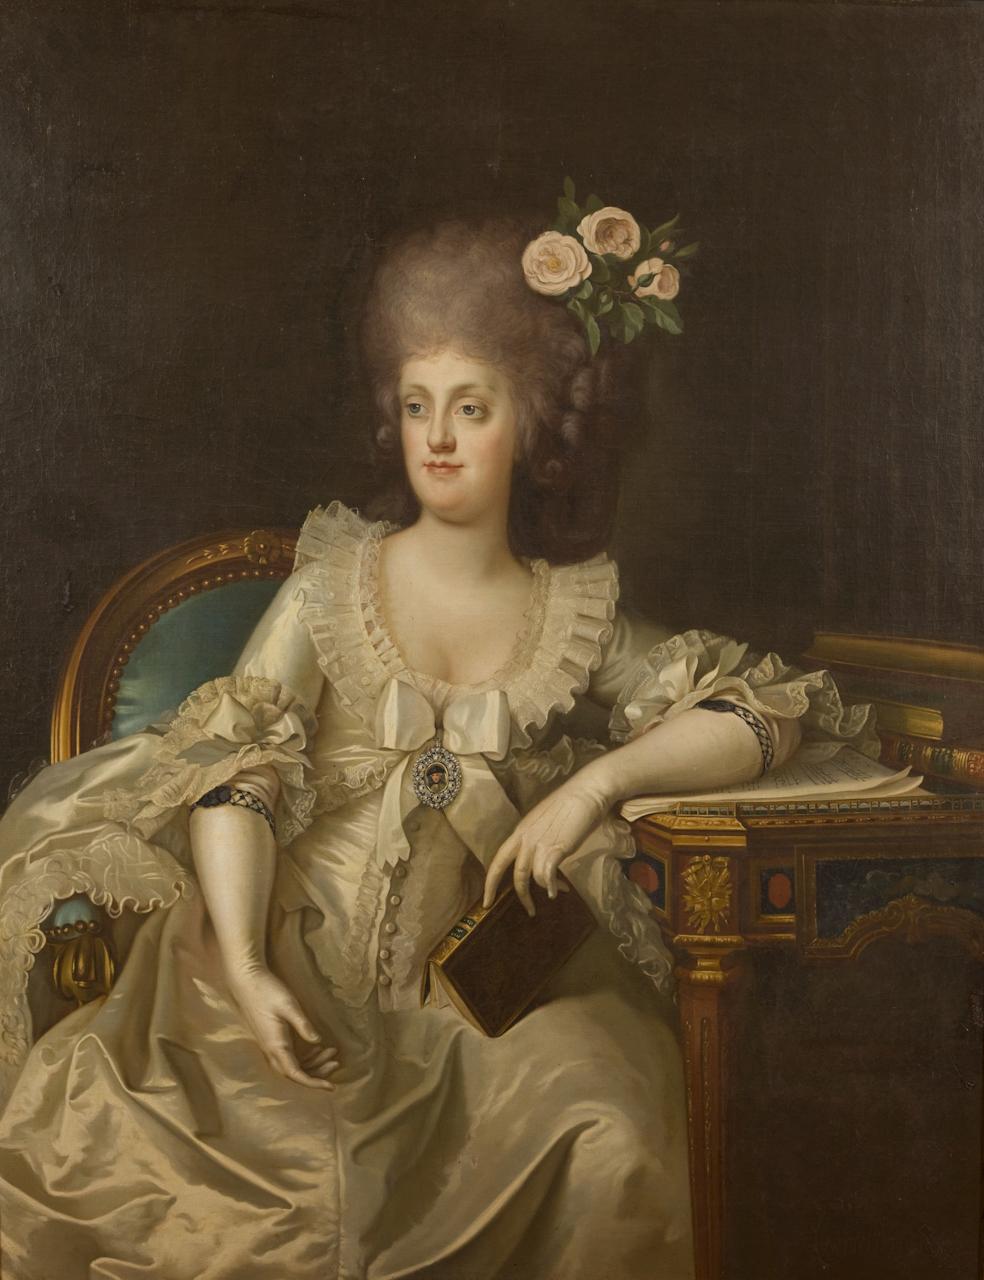 Portraits de Marie Caroline d'Autriche, reine de Naples et de Sicile - Page 4 Camill11